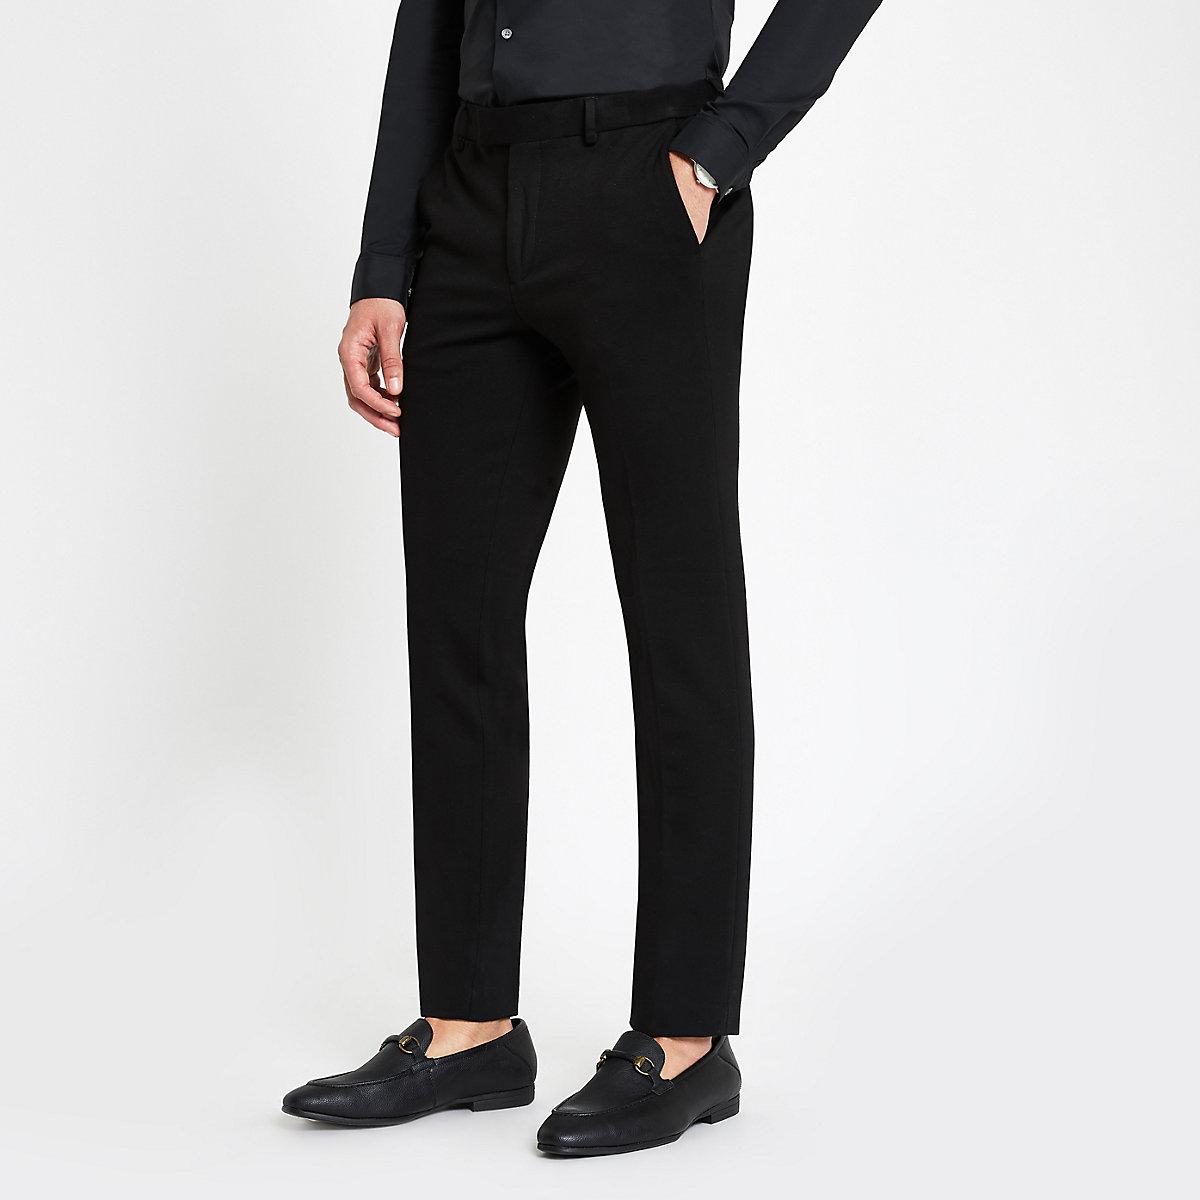 Black super skinny fit suit pants